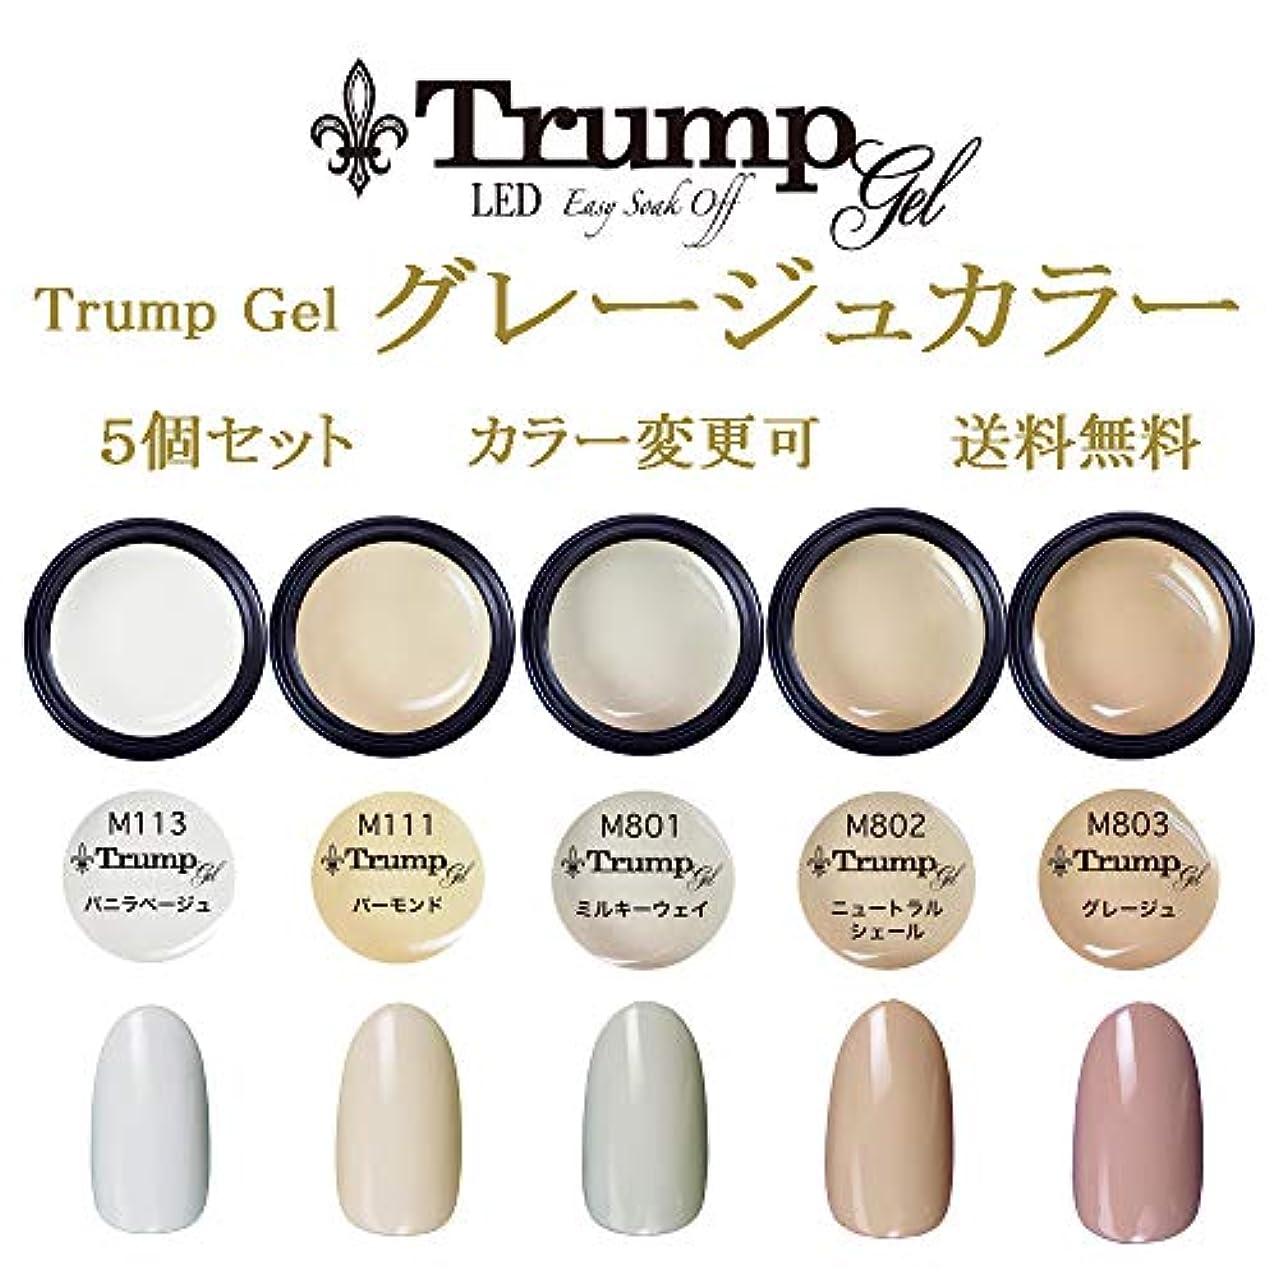 明らか明示的にライラック日本製 Trump gel トランプジェル グレージュカラー 選べる カラージェル 5個セット ホワイト ベージュ ピンク スモーク